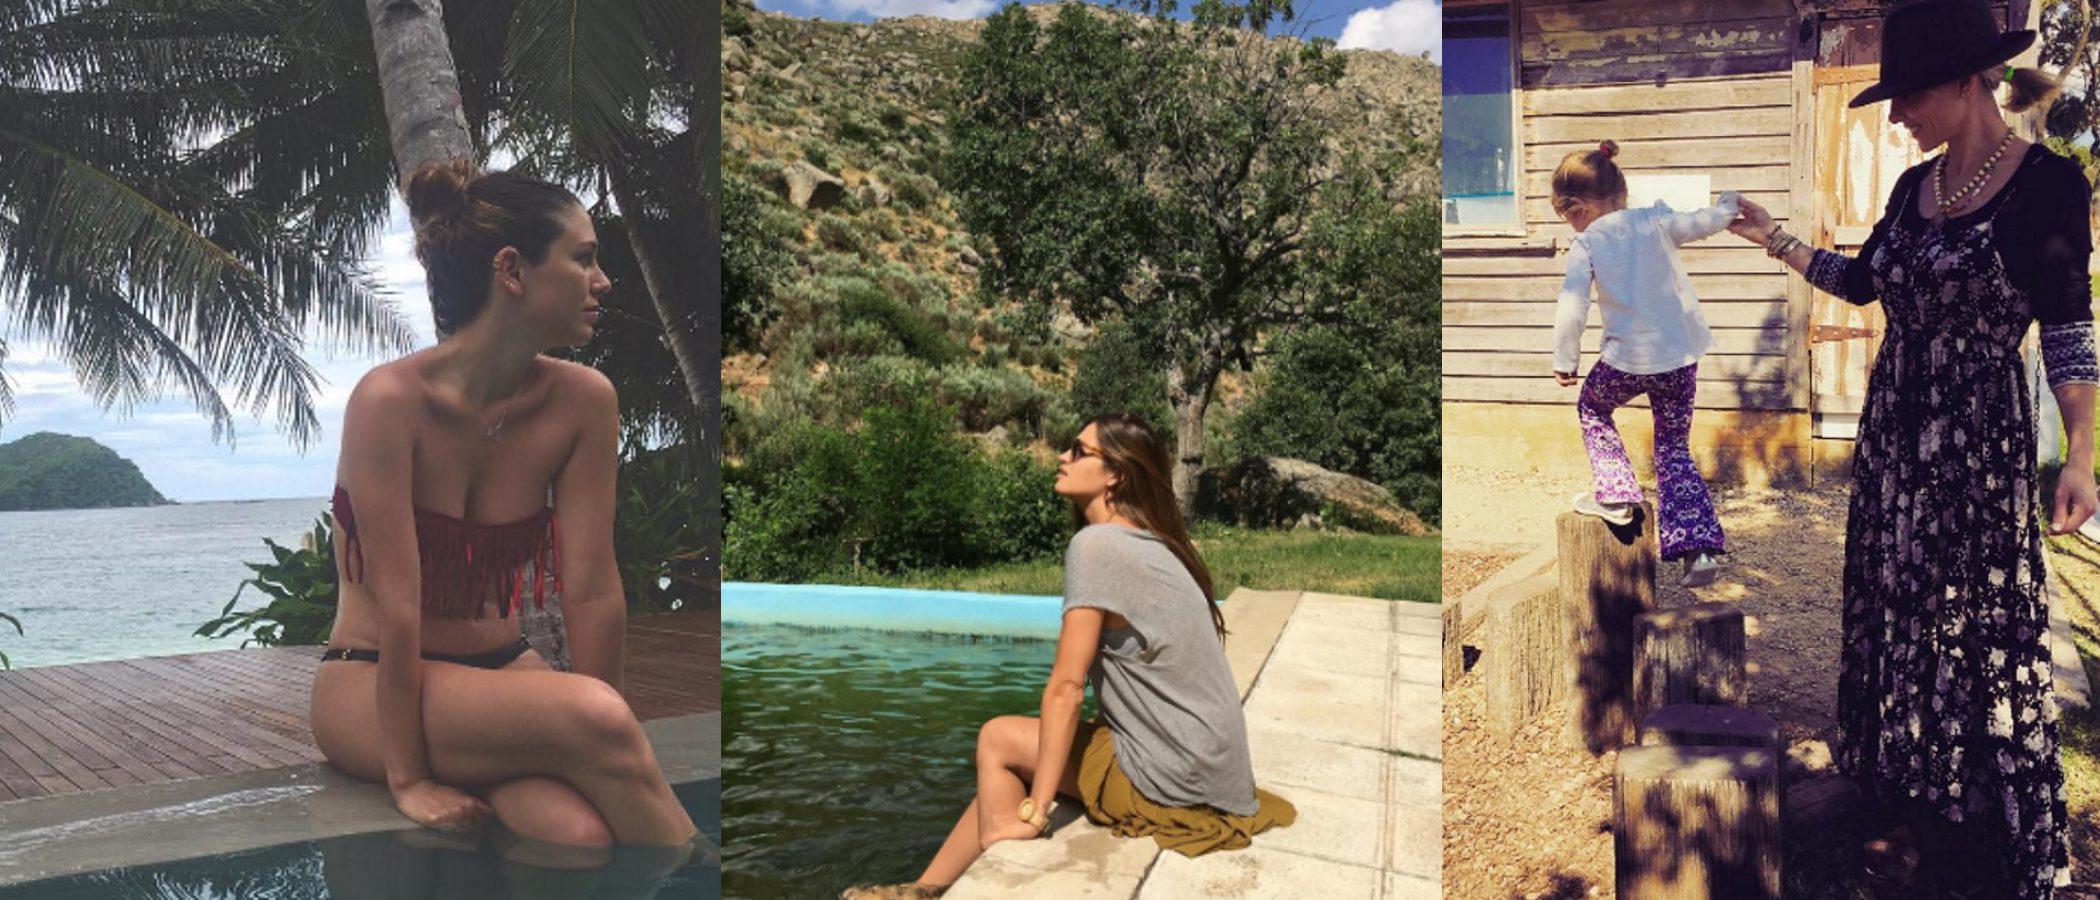 Elsa Pataky o Blanca Suárez: celebrities de estilo étnico que disfrutan de vacaciones en la montaña